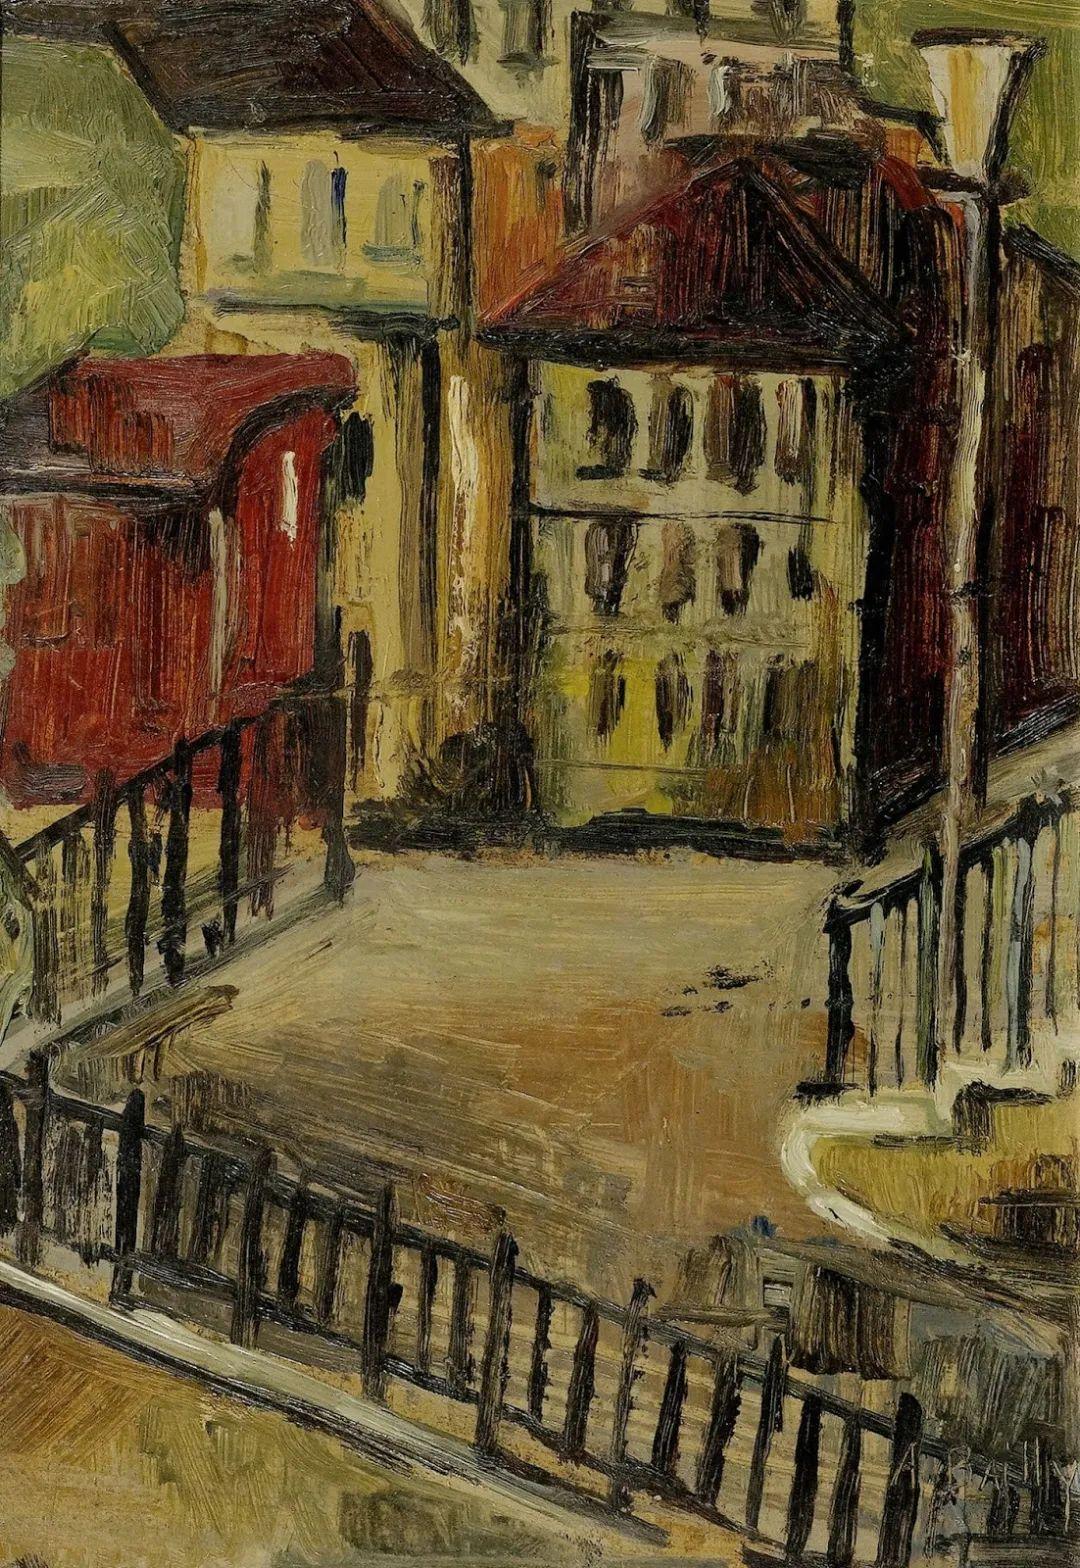 强烈的色彩和粗犷的线条,瑞士先锋派女画家艾丽丝·贝利!插图87